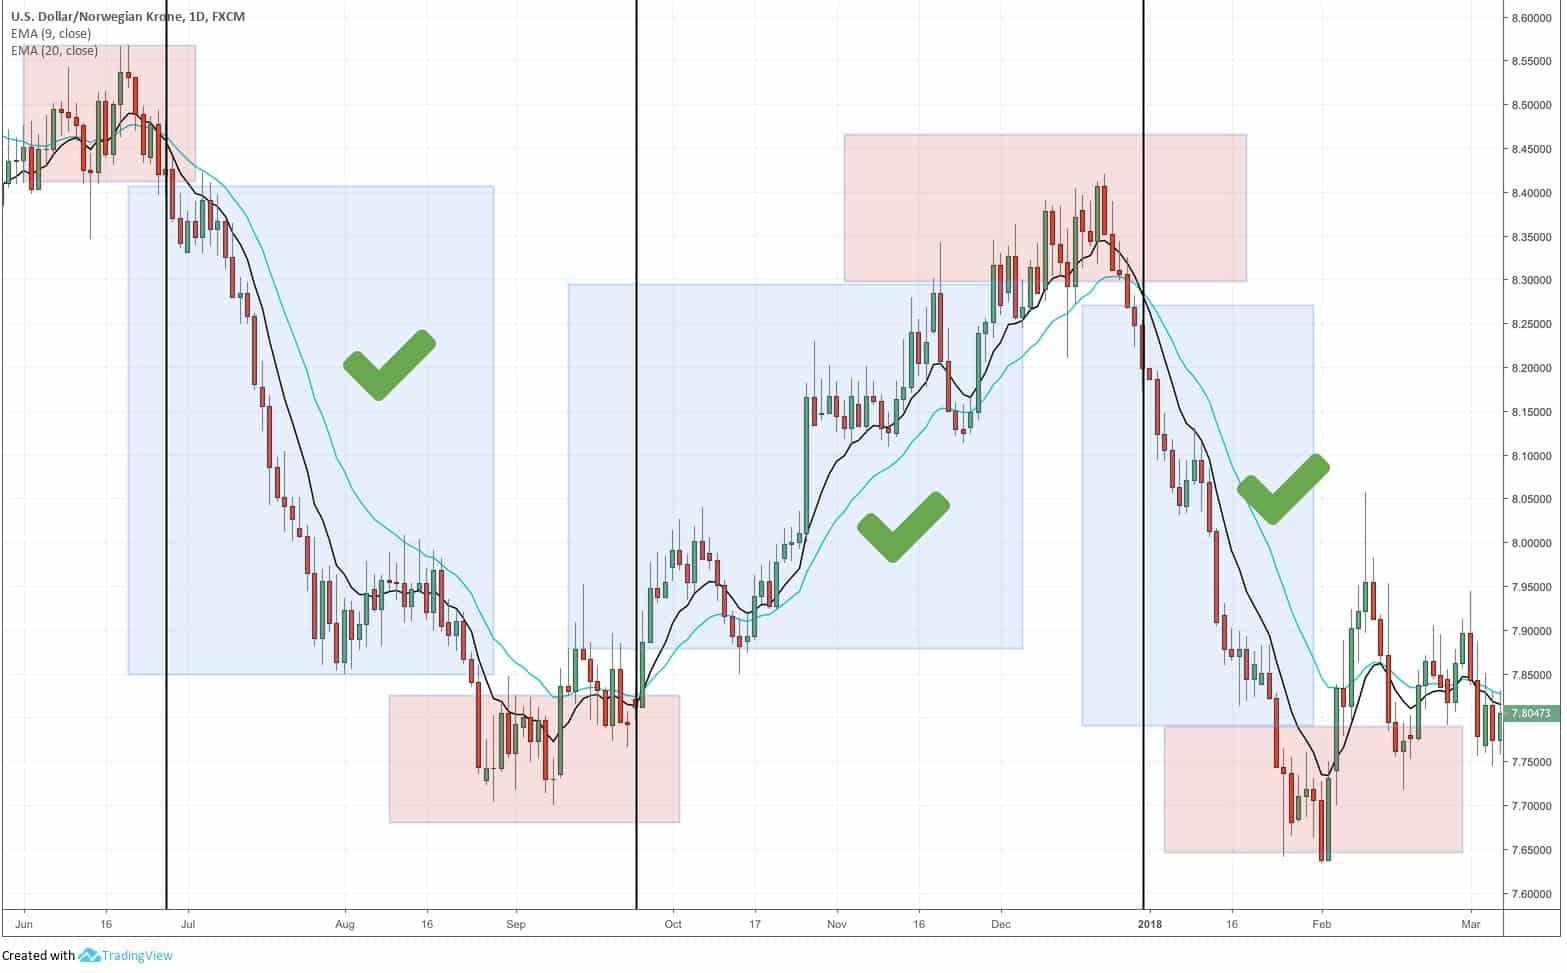 торговые стратегии - скользящие средние